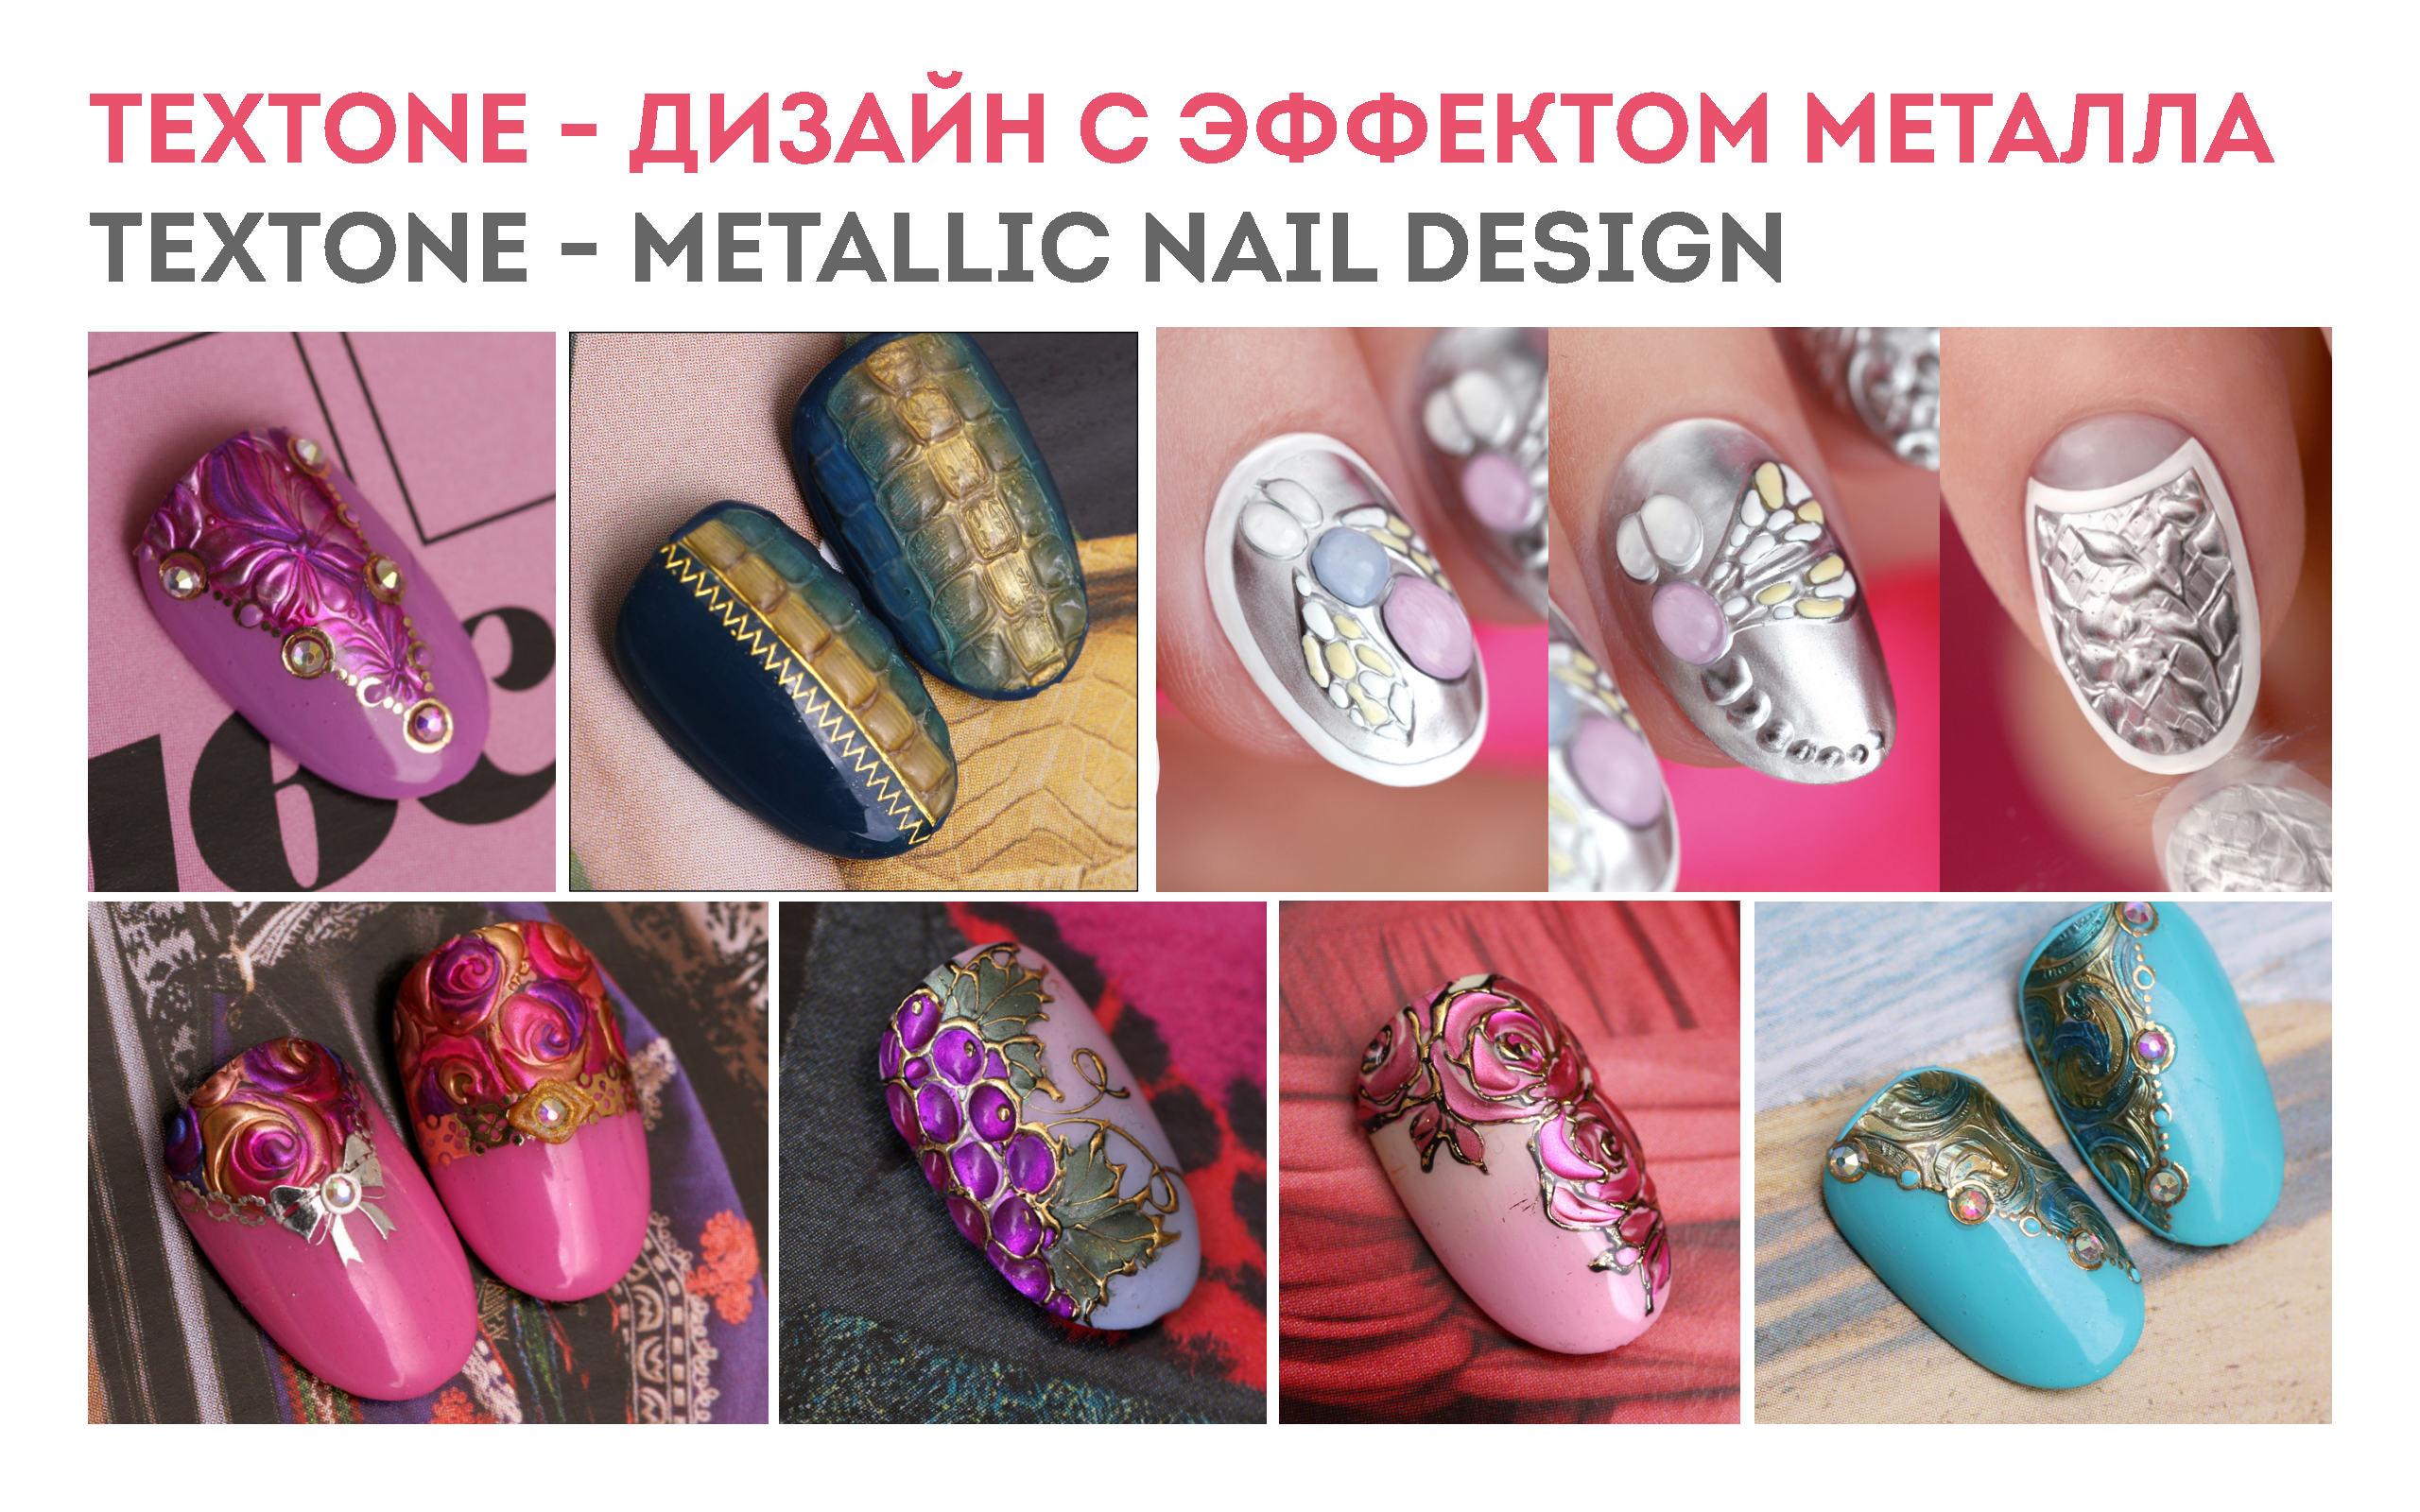 TEXTONE - дизайн с эффектом металла